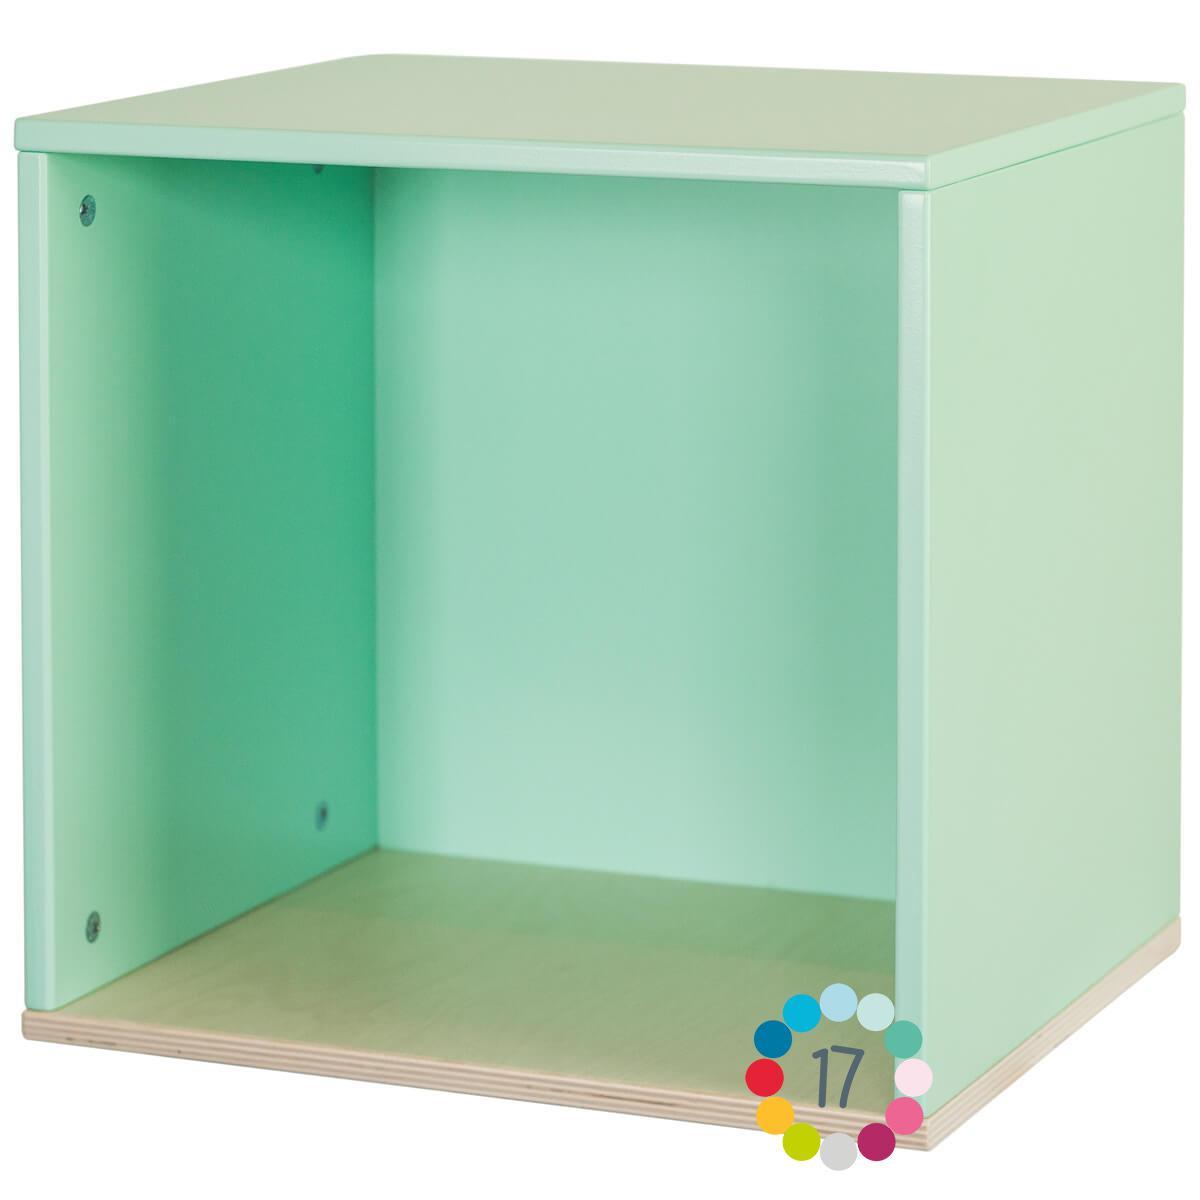 Cube mural COLORFLEX mint